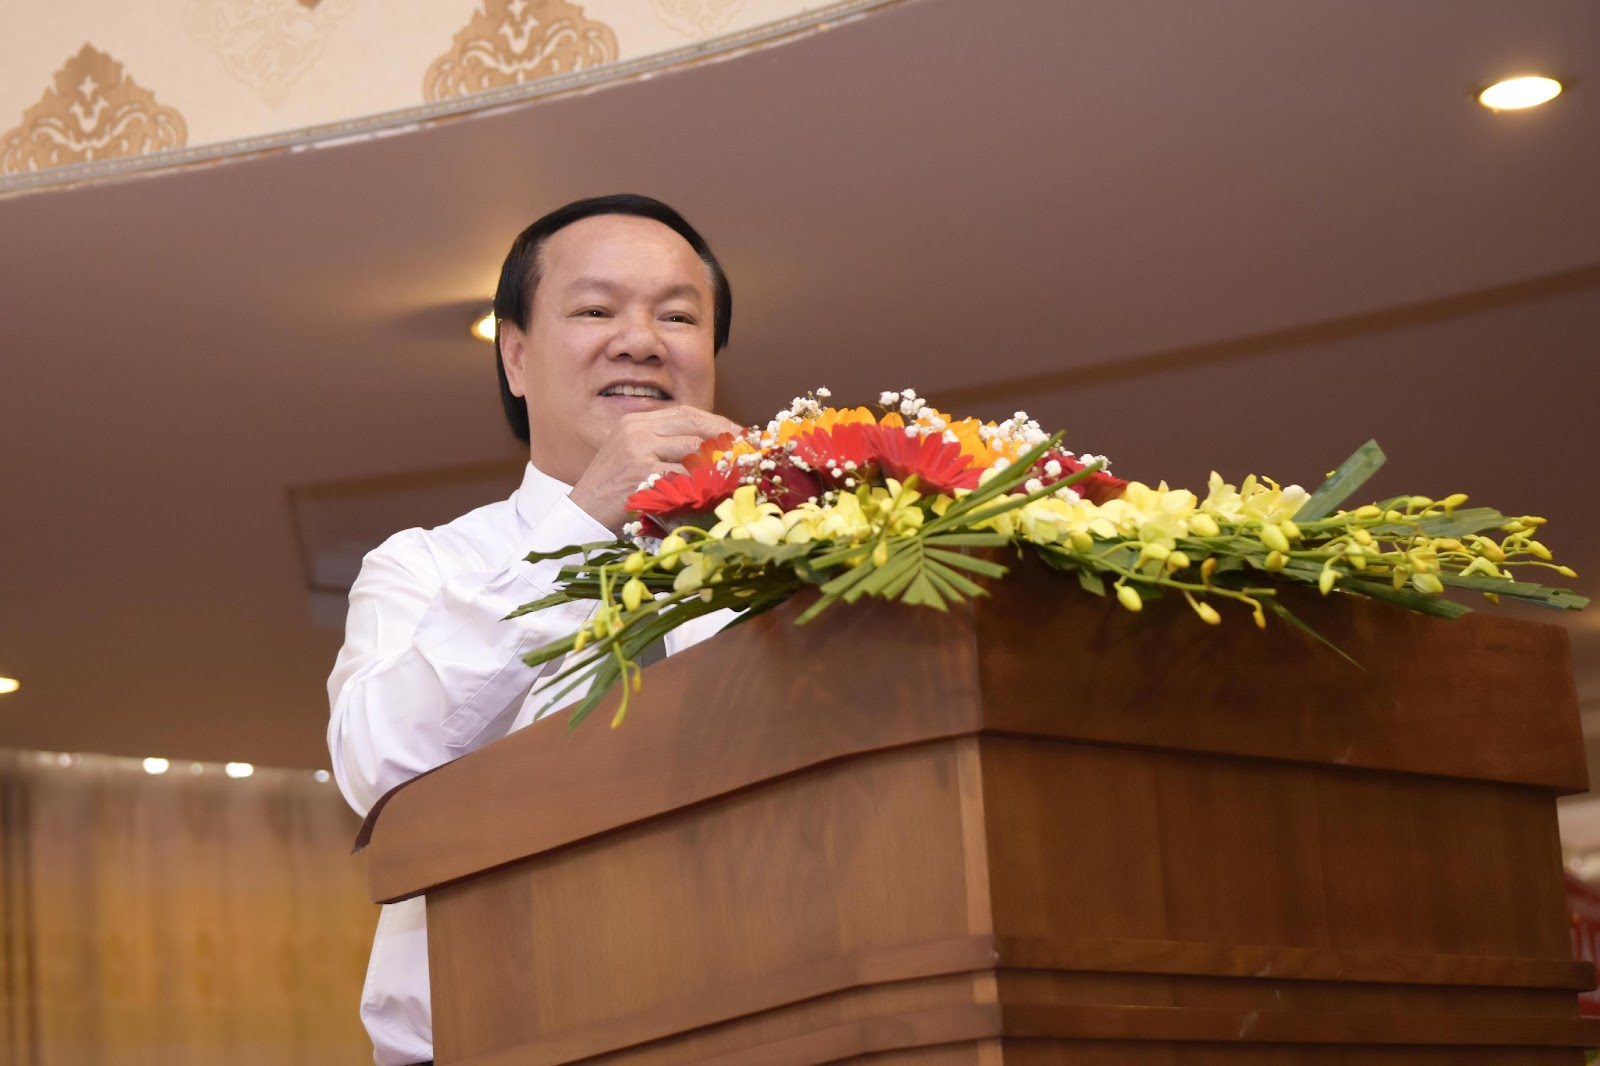 5. Ông Lê Thanh Thuấn - Tổng Giám đốc Sao Mai Group khẳng định, 'Ai nuôi cá cho IDI, trồng mì cho Sao Mai Super Feed mà lỗ thì chính tôi lấy tiền túi ra bù'